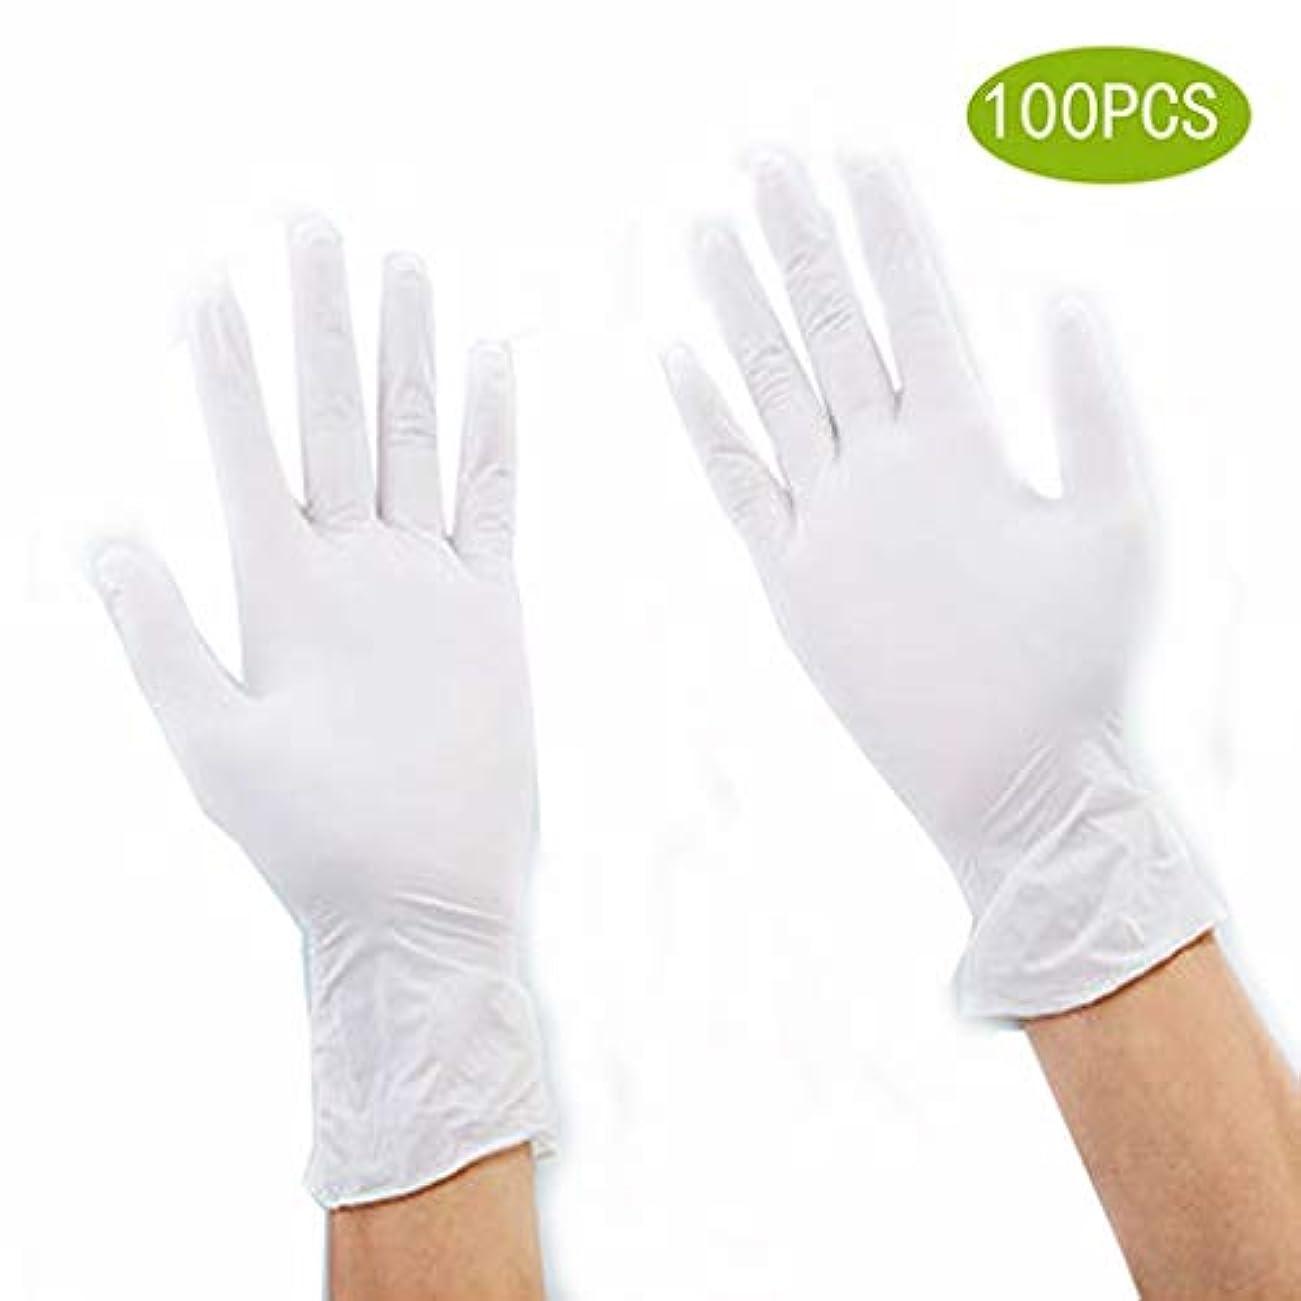 テクトニック一瞬ドキドキ医療検査ニトリル手袋ボックス100、ラテックス/パウダーフリー、非滅菌手袋 - 安い、ディスカウント価格病院のための専門の等級、法執行機関、食糧販売業者、入れ墨の芸術家、家の使用 (Size : L)